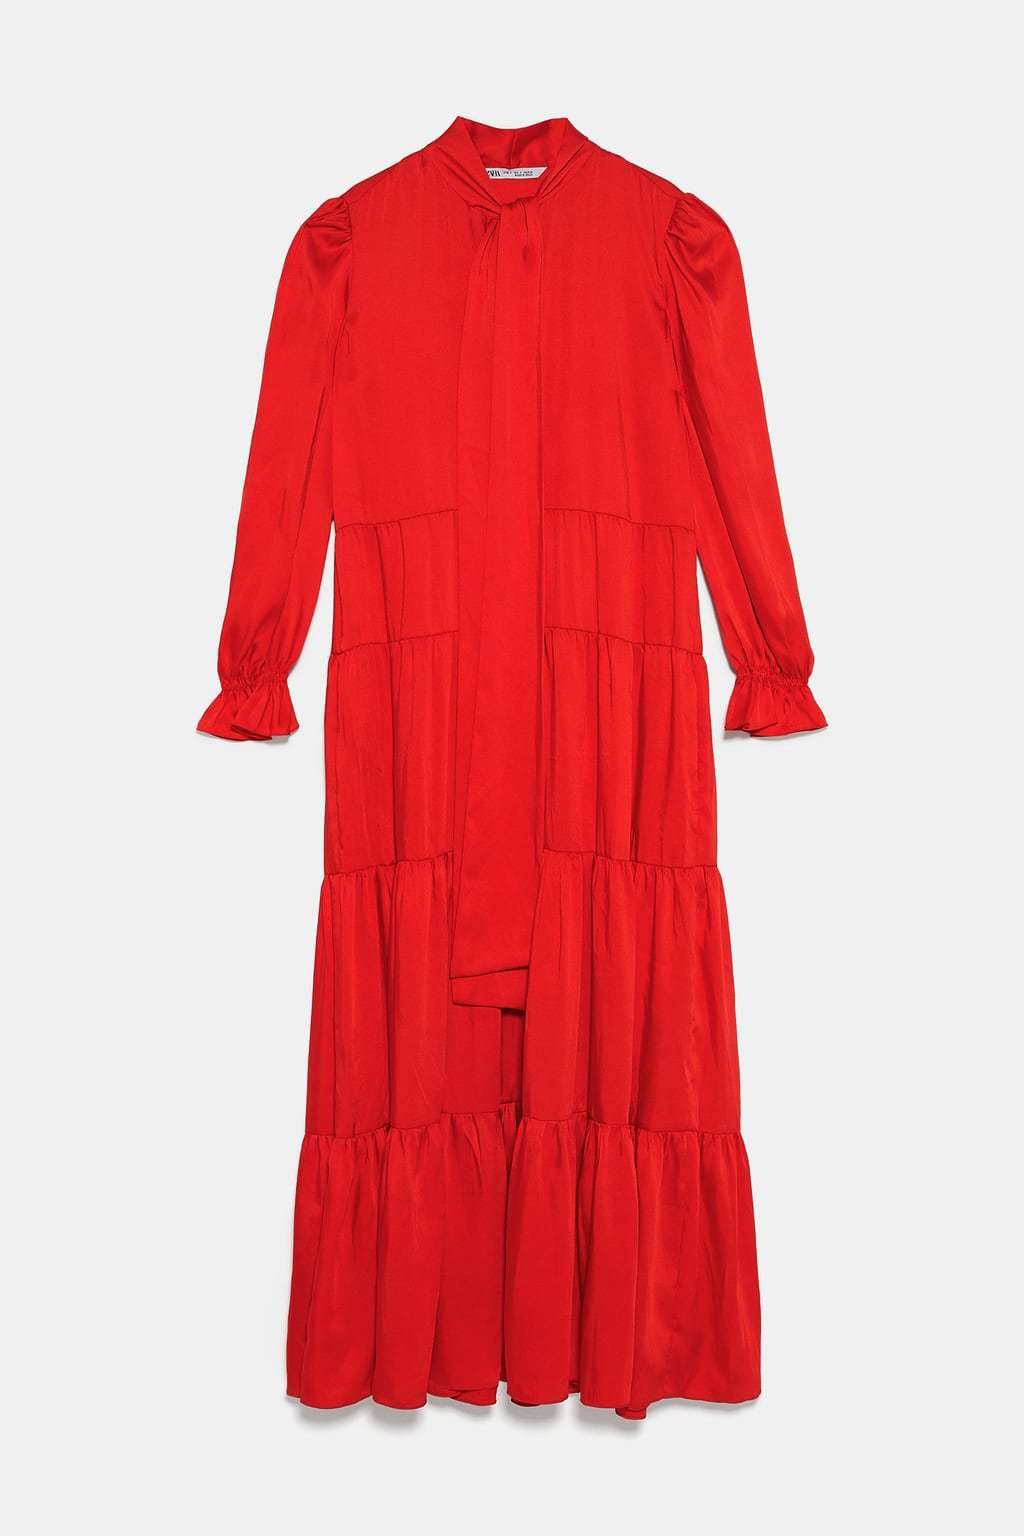 El vestido rojo de Zara, una de las mejores versiones del vestido boho...